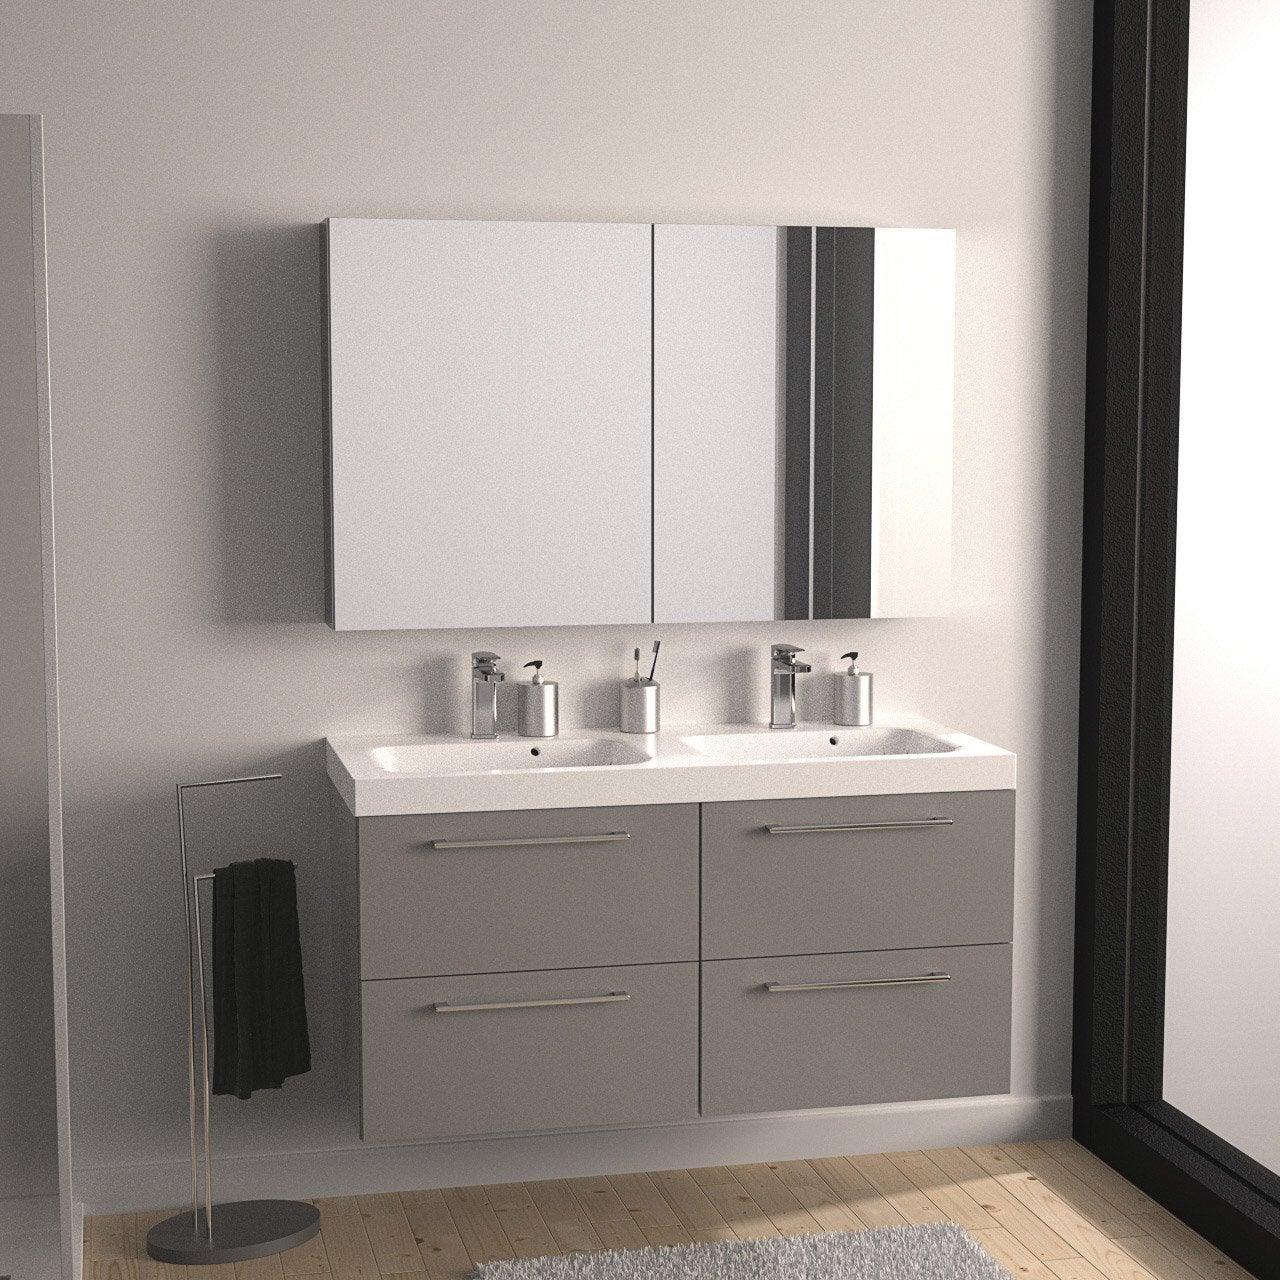 Meuble de salle de bains plus de 120 gris argent remix - Meubles salle de bains leroy merlin ...